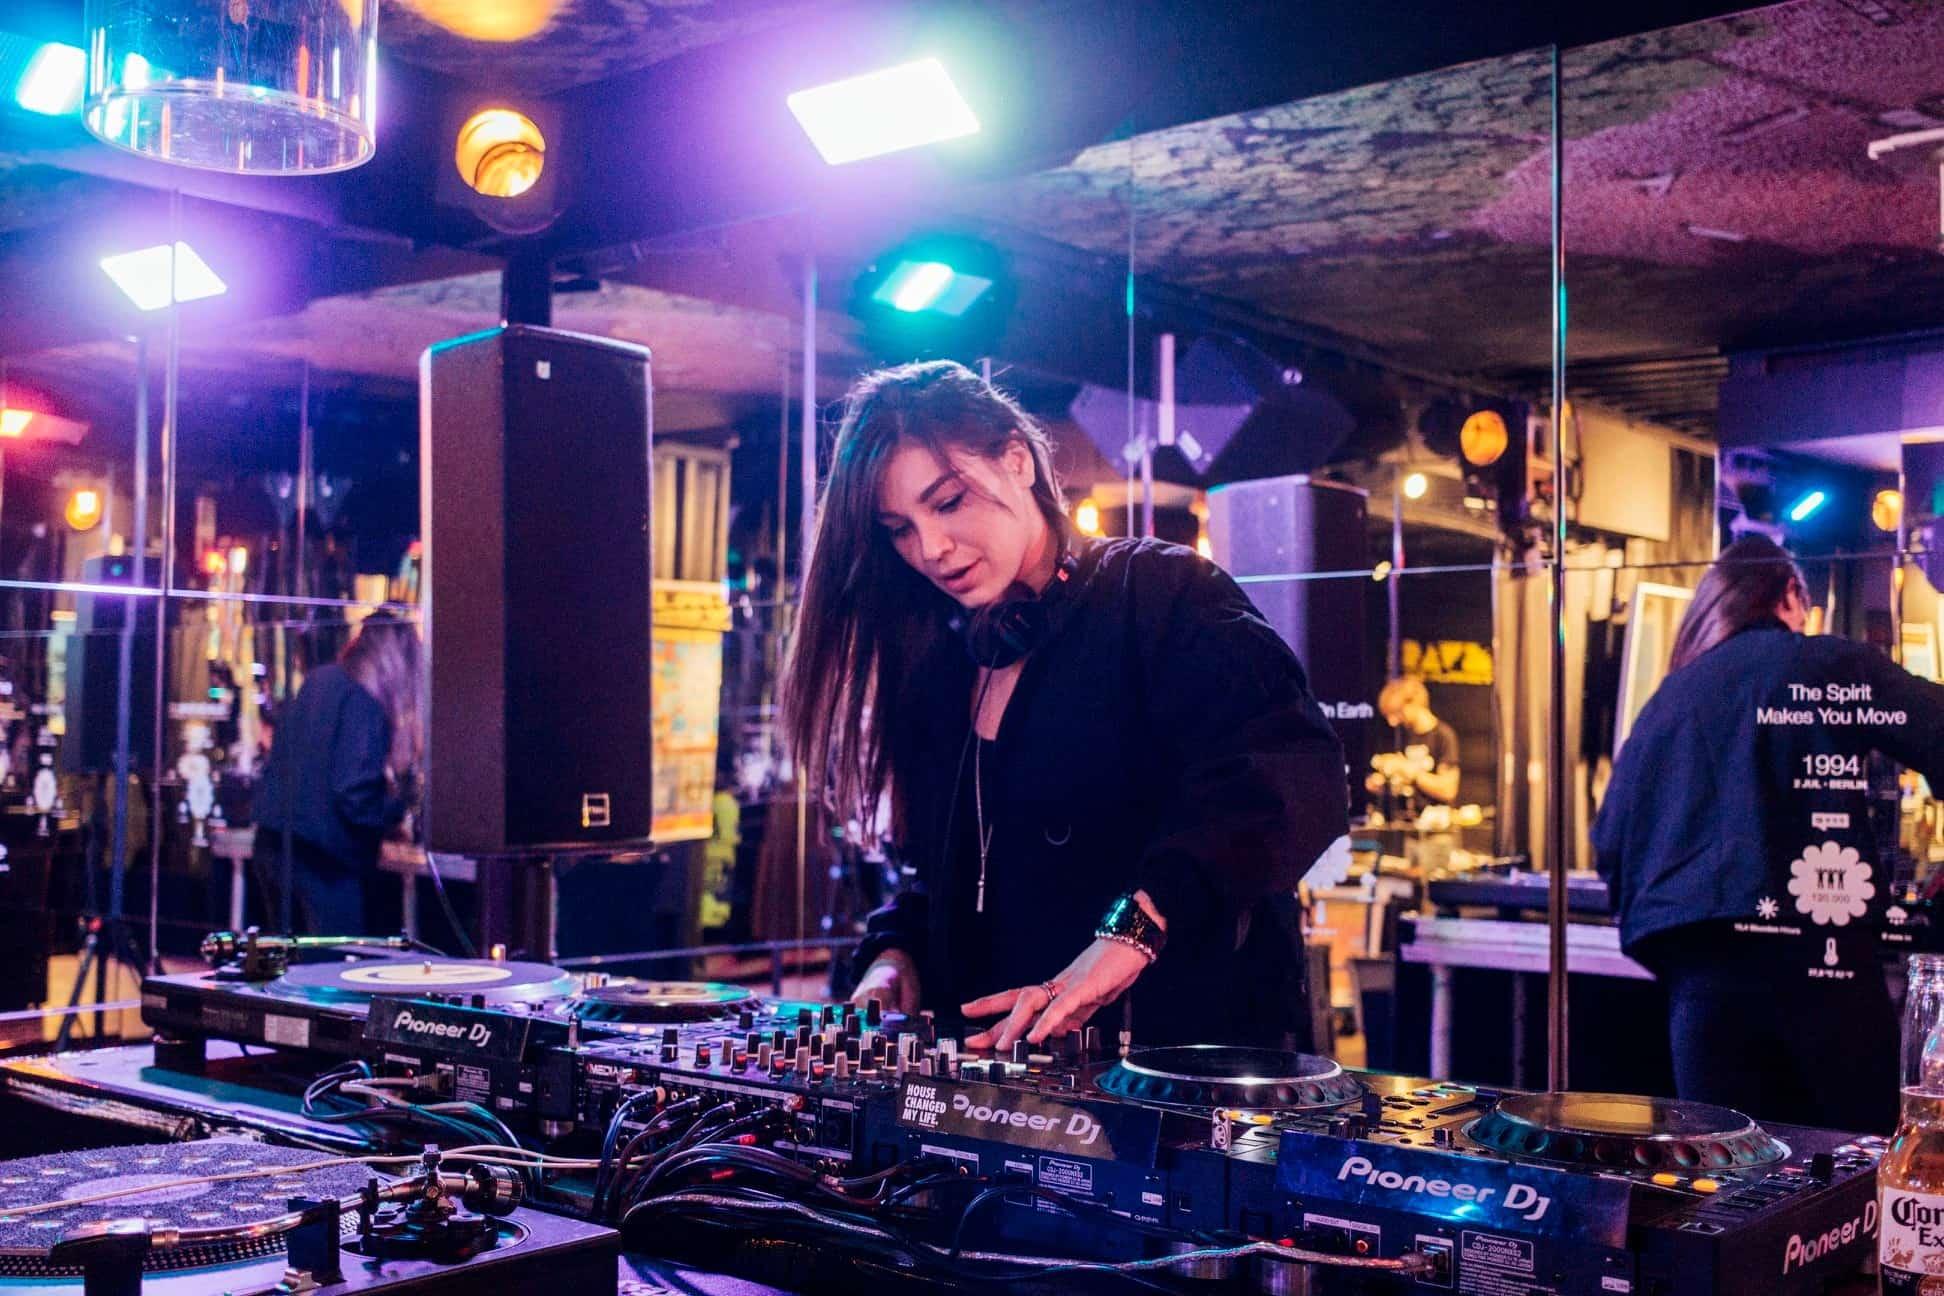 """Simina Grigoriu comparte ideas del DJ: """"La experimentación es la clave. Experimente TODO"""". 21"""